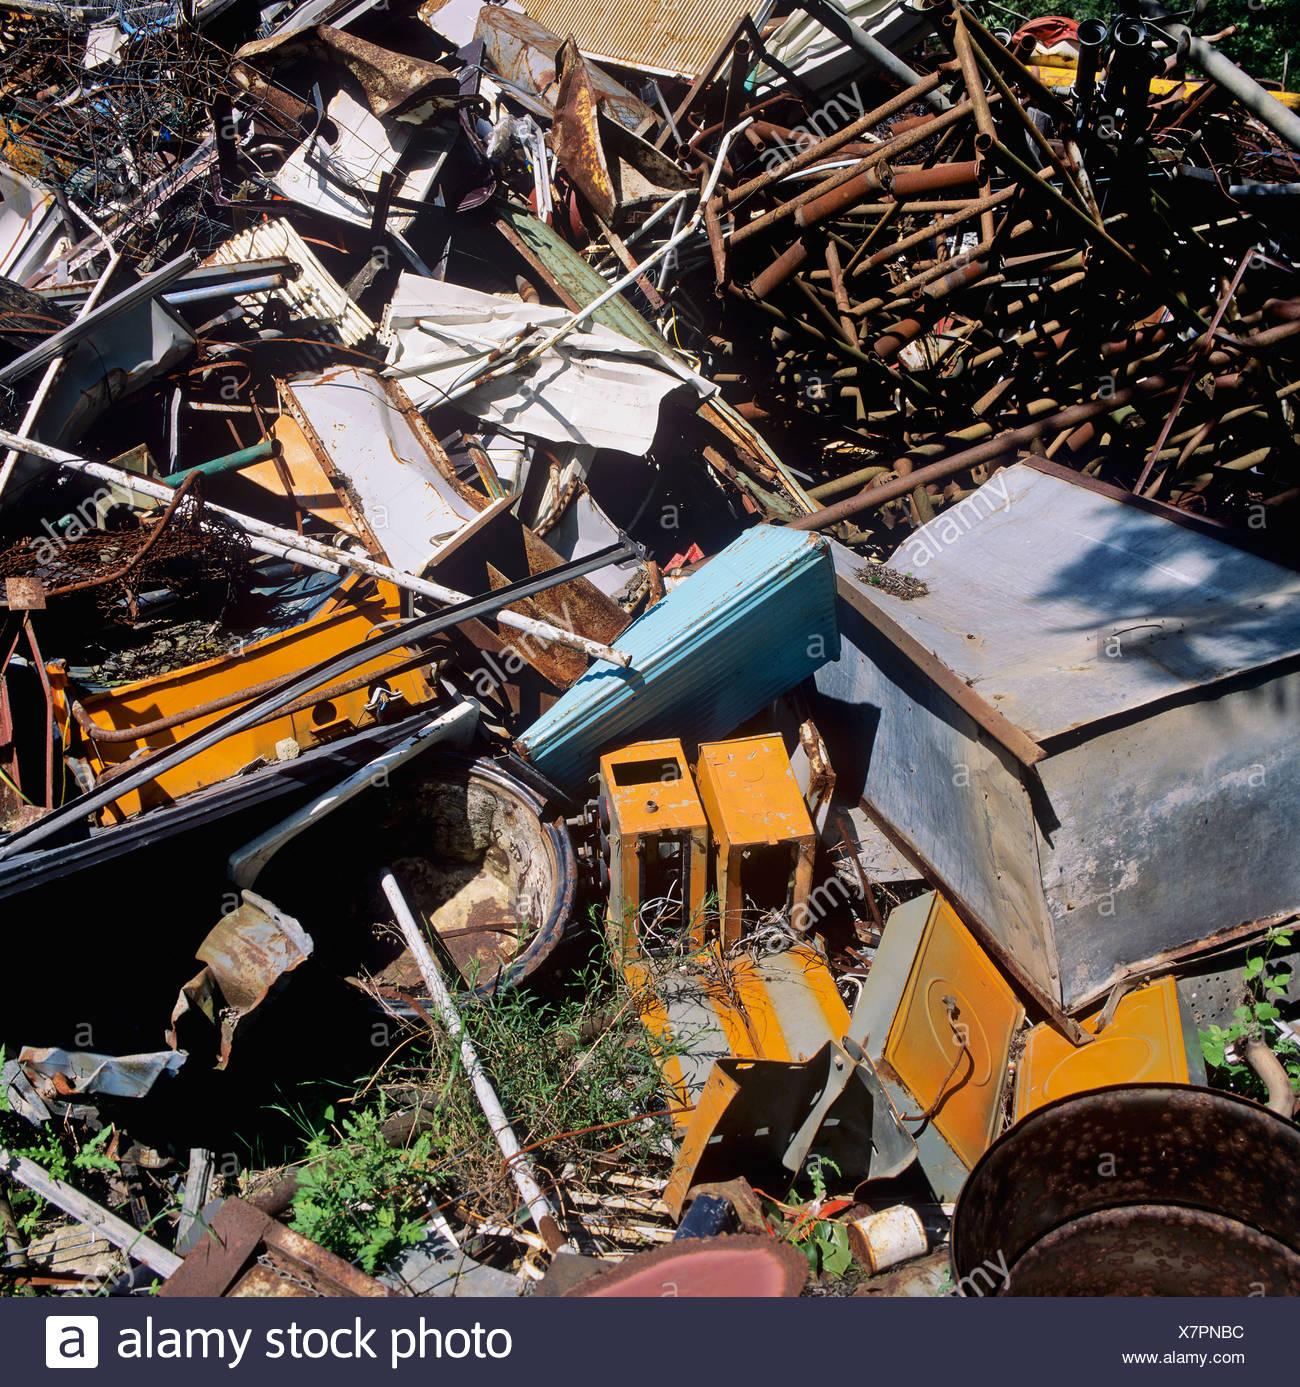 Scrap metal, raw materials - Stock Image